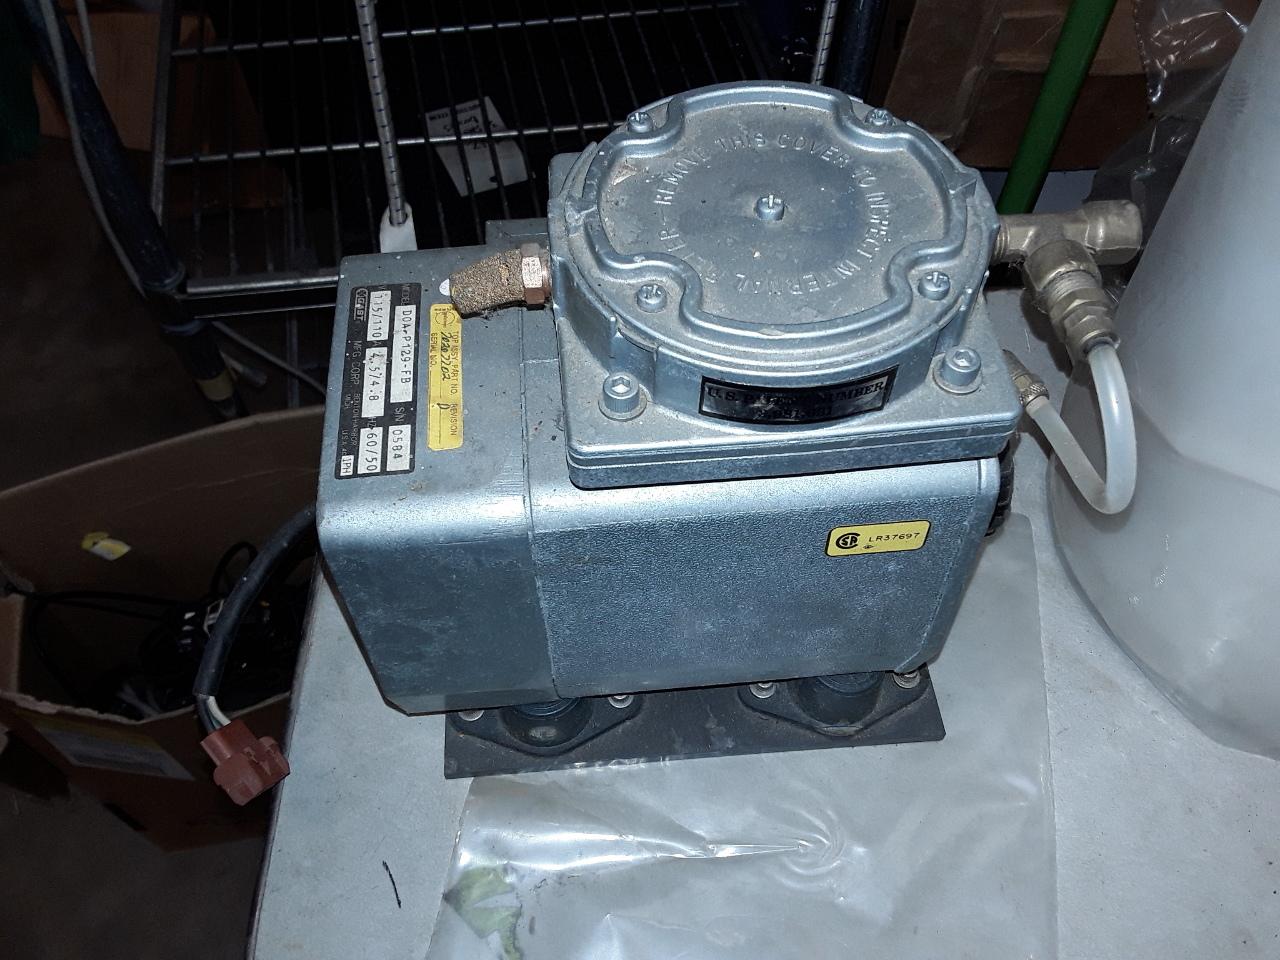 Gast Diaphragm Compressor Vacuum Pump Model D0a P129 Fb